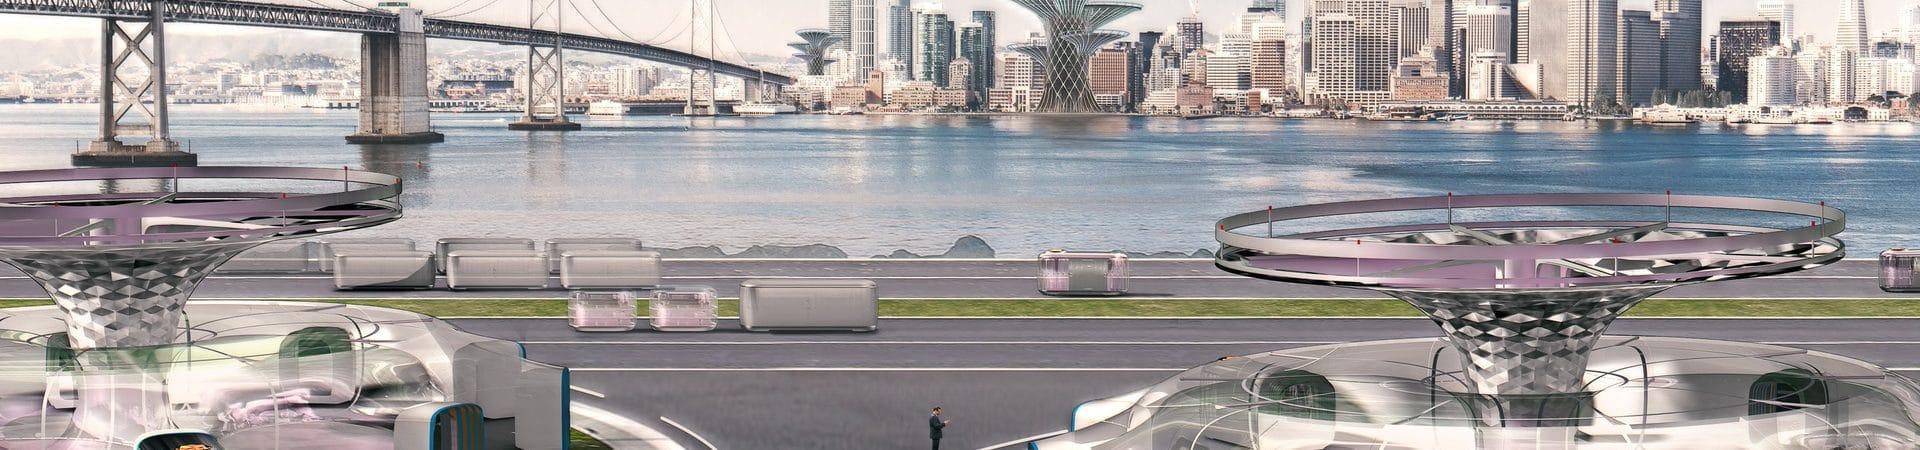 Carros voadores existirão em 2030, afirma chefe da Hyundai. Imagem: Carscoops/Reprodução